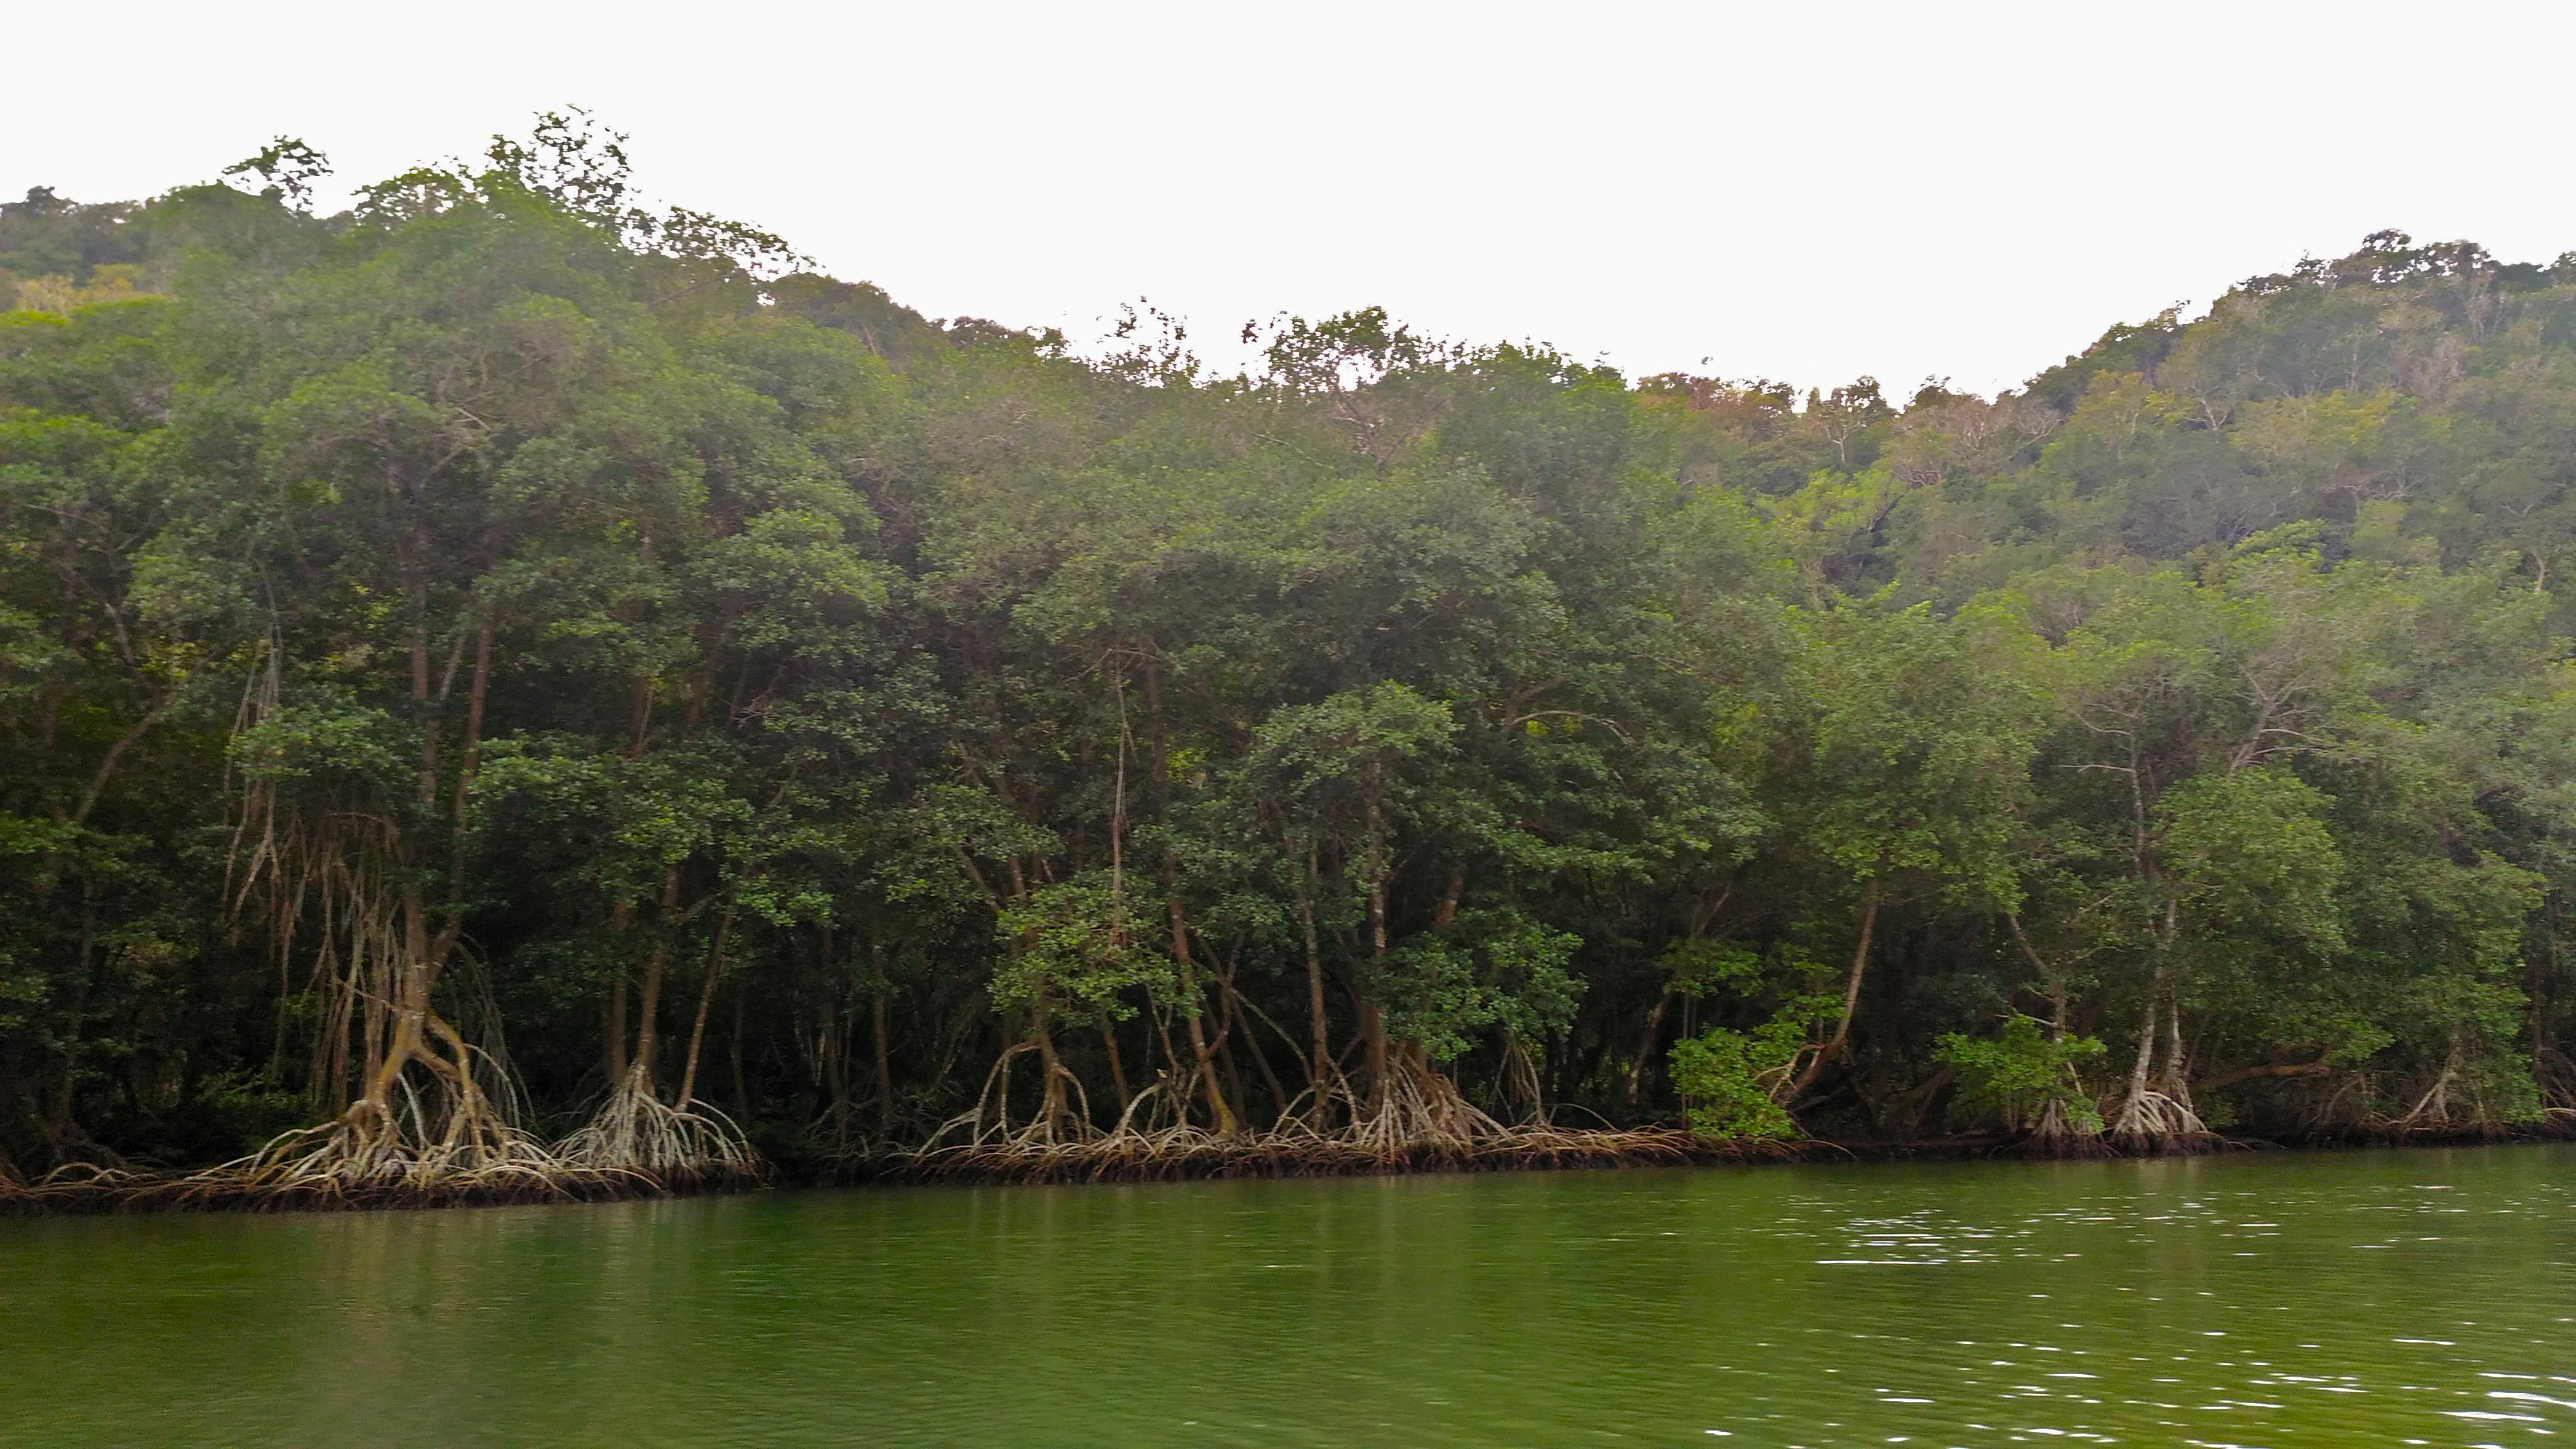 Mangroves along the Rio Canimar nature boat ride activities near varadero top things to do near varadero